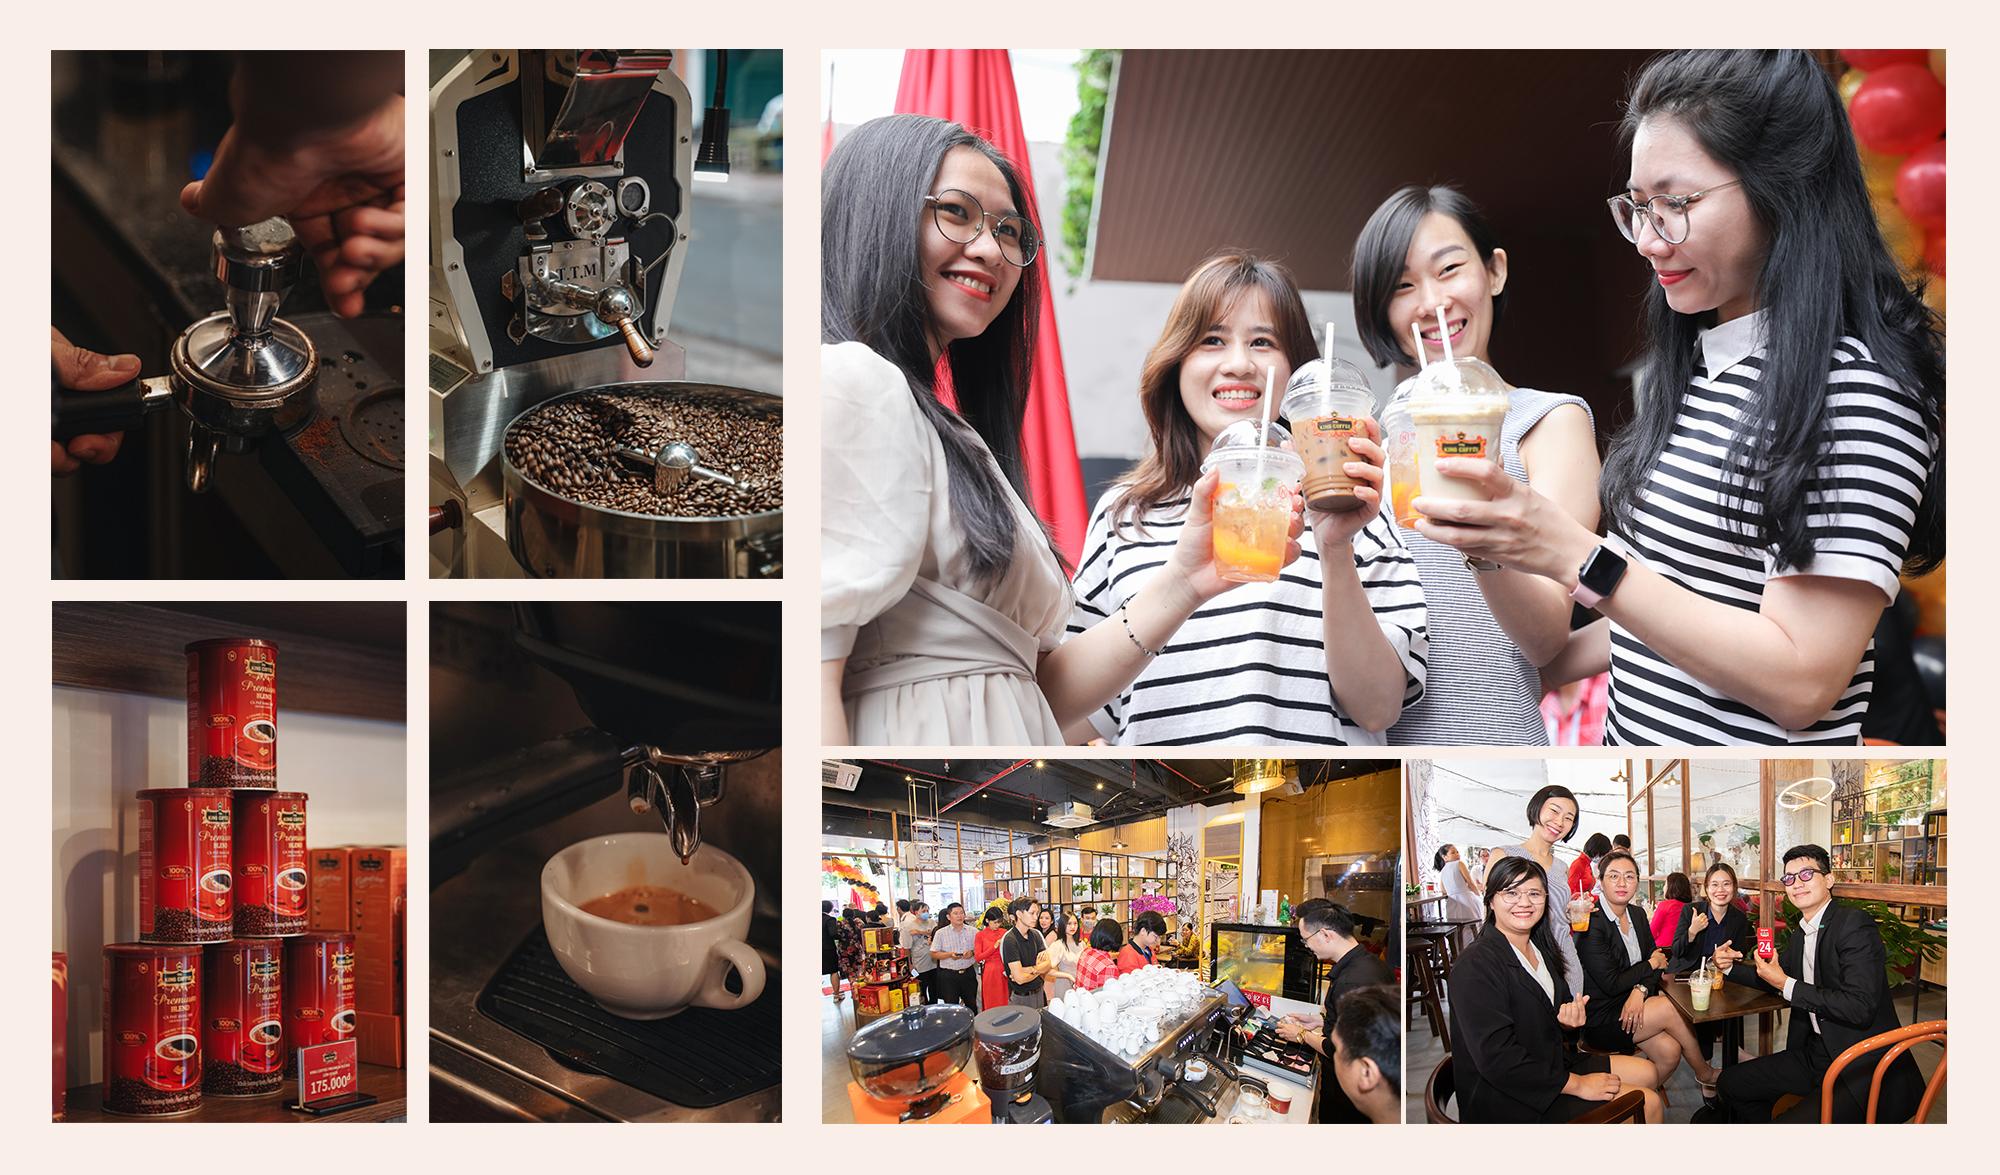 Nữ doanh nhân Lê Hoàng Diệp Thảo: Tạo nguồn cảm hứng cho phụ nữ trên con đường lập nghiệp - Ảnh 10.